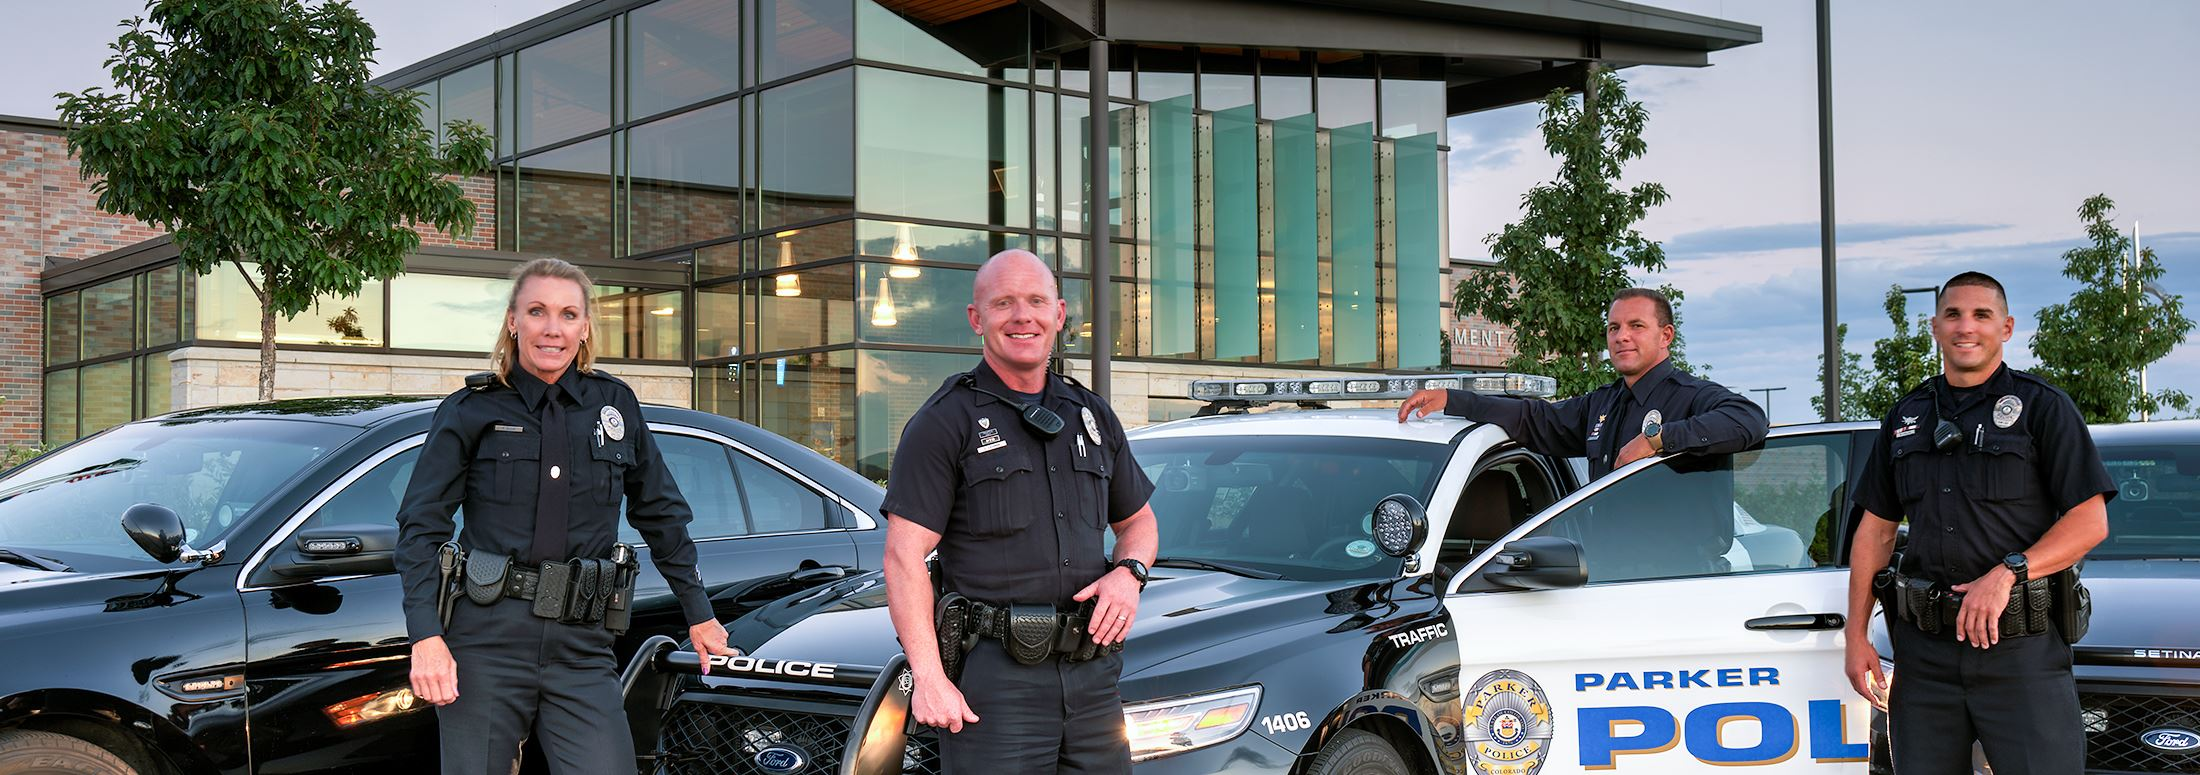 Parker Police - Official Website   Official Website